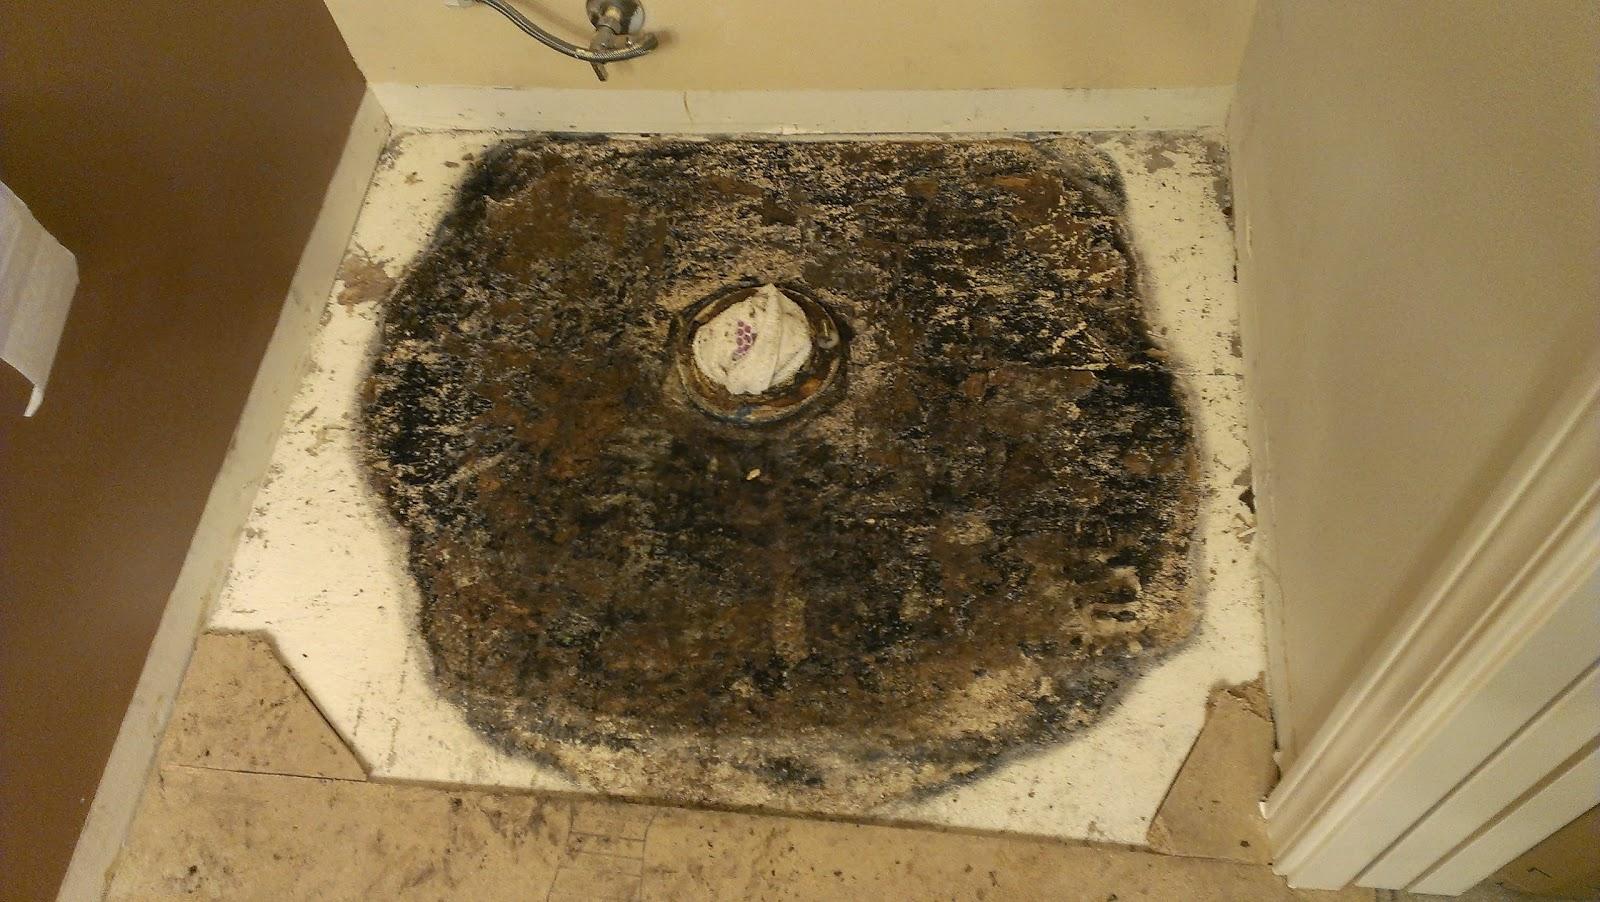 Bathroom Leaking To Floor Below : Replacing a rotted bathroom floor after toilet leak